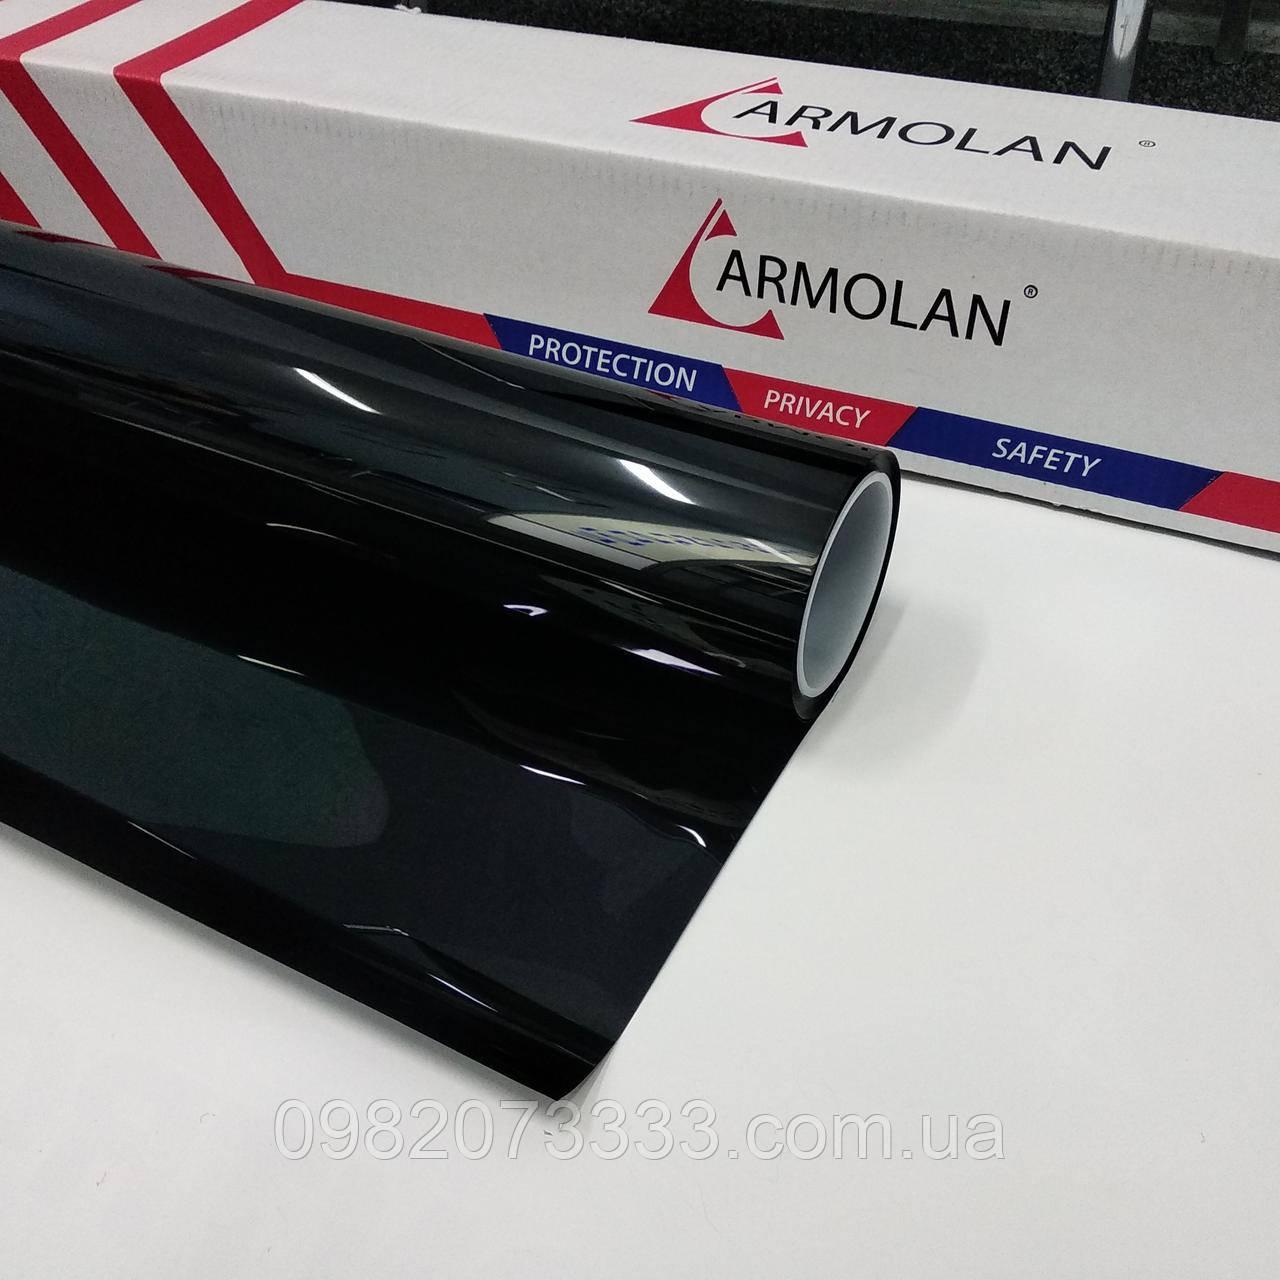 Зеркальная Chrome 50 премиальная солнцезащитная плёнка для тонировки автомобиля Armolan Elit (1,524)